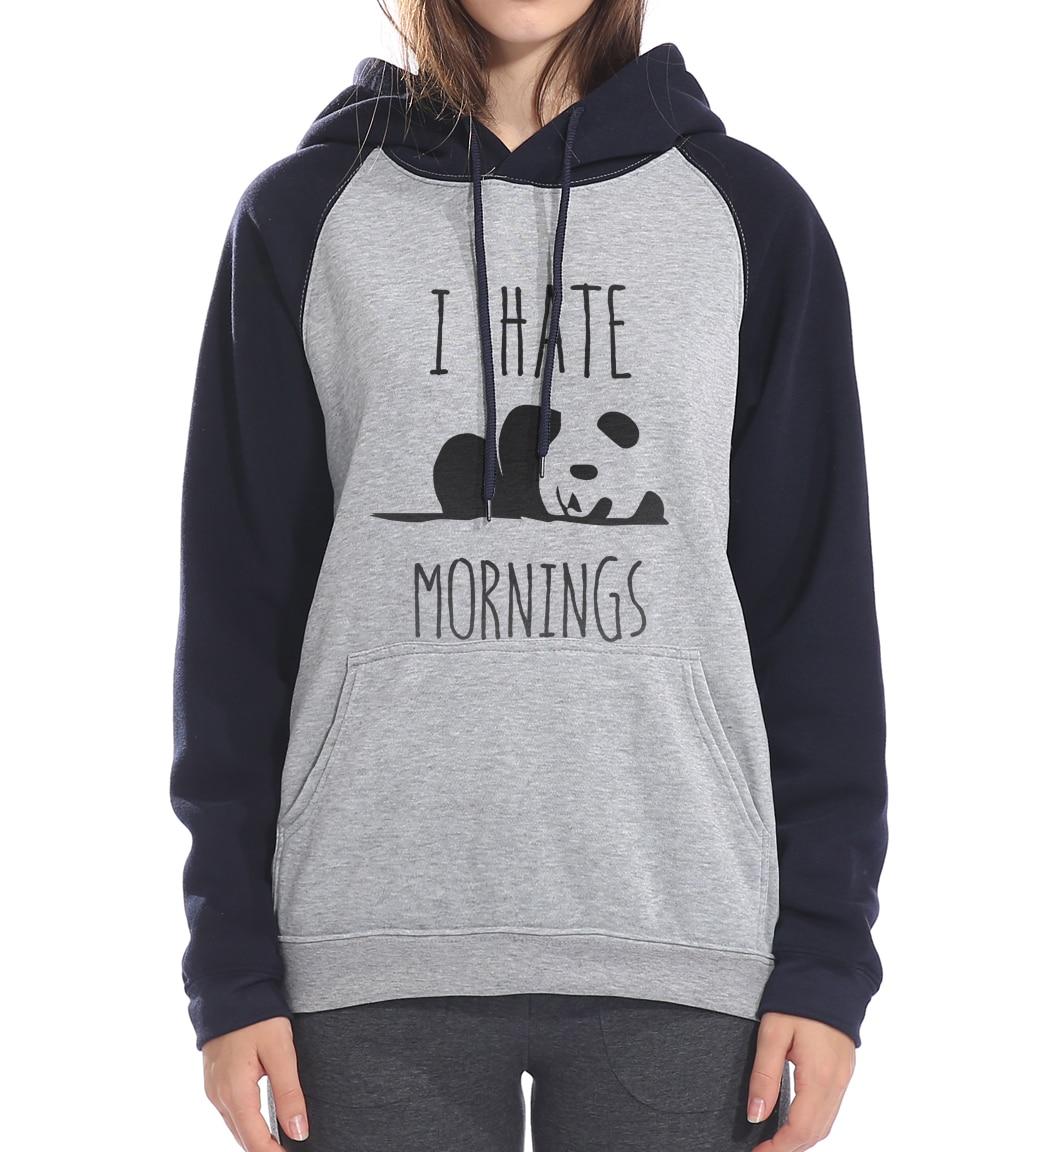 Womens Panda Print Long Sleeve Crop Top Sweatshirt Hoodies Drawstring Hoodie Raglan Sweatshirt